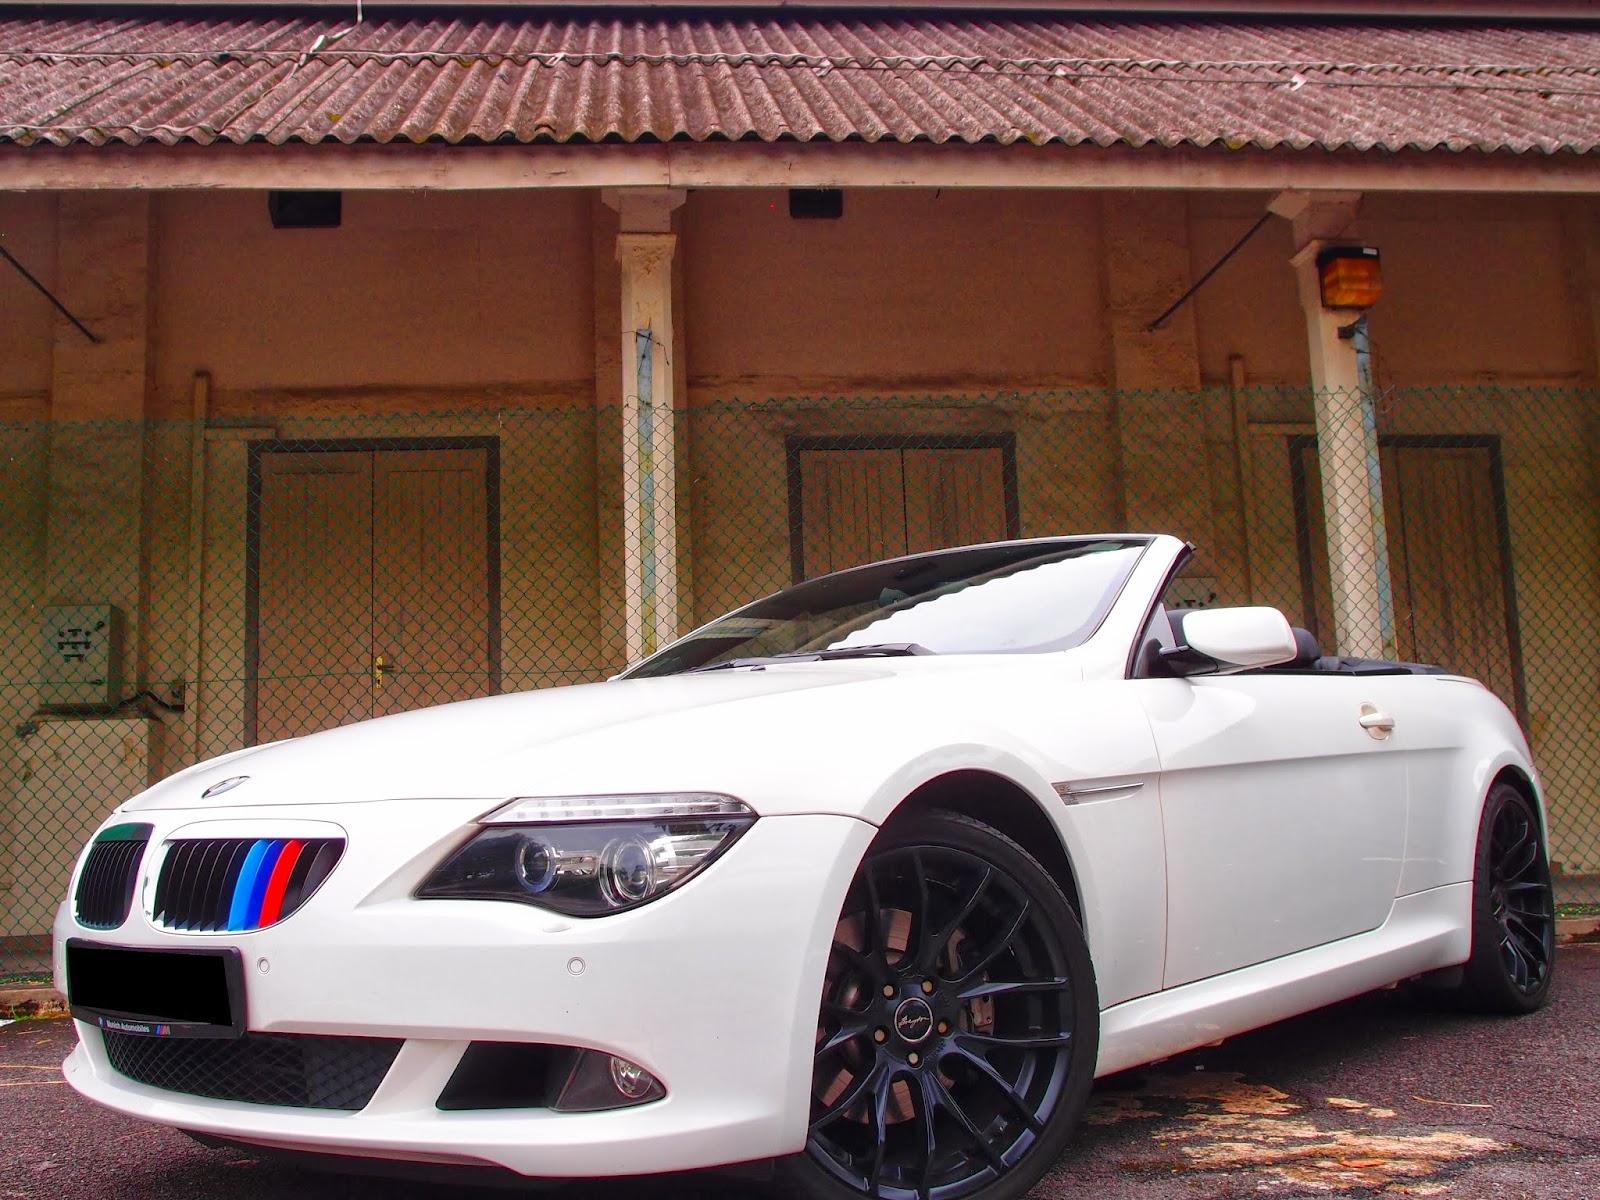 Bmw 630i E64 Cabriolet Whiteweddingcars